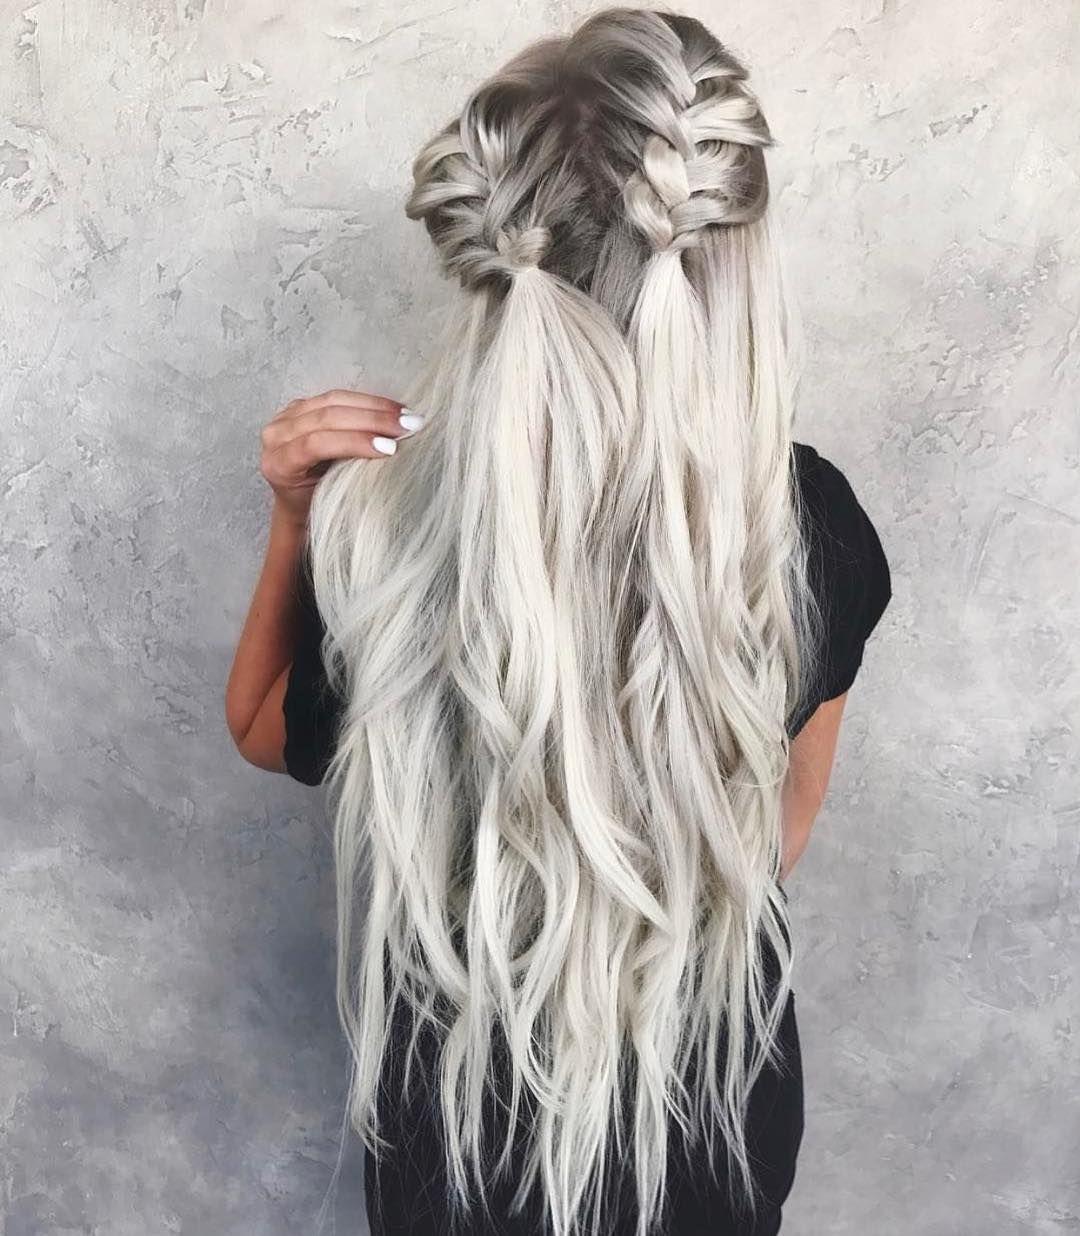 Haarfarben Trends 2019 Das Sind Die Looks Die Jetzt Alle Wollen